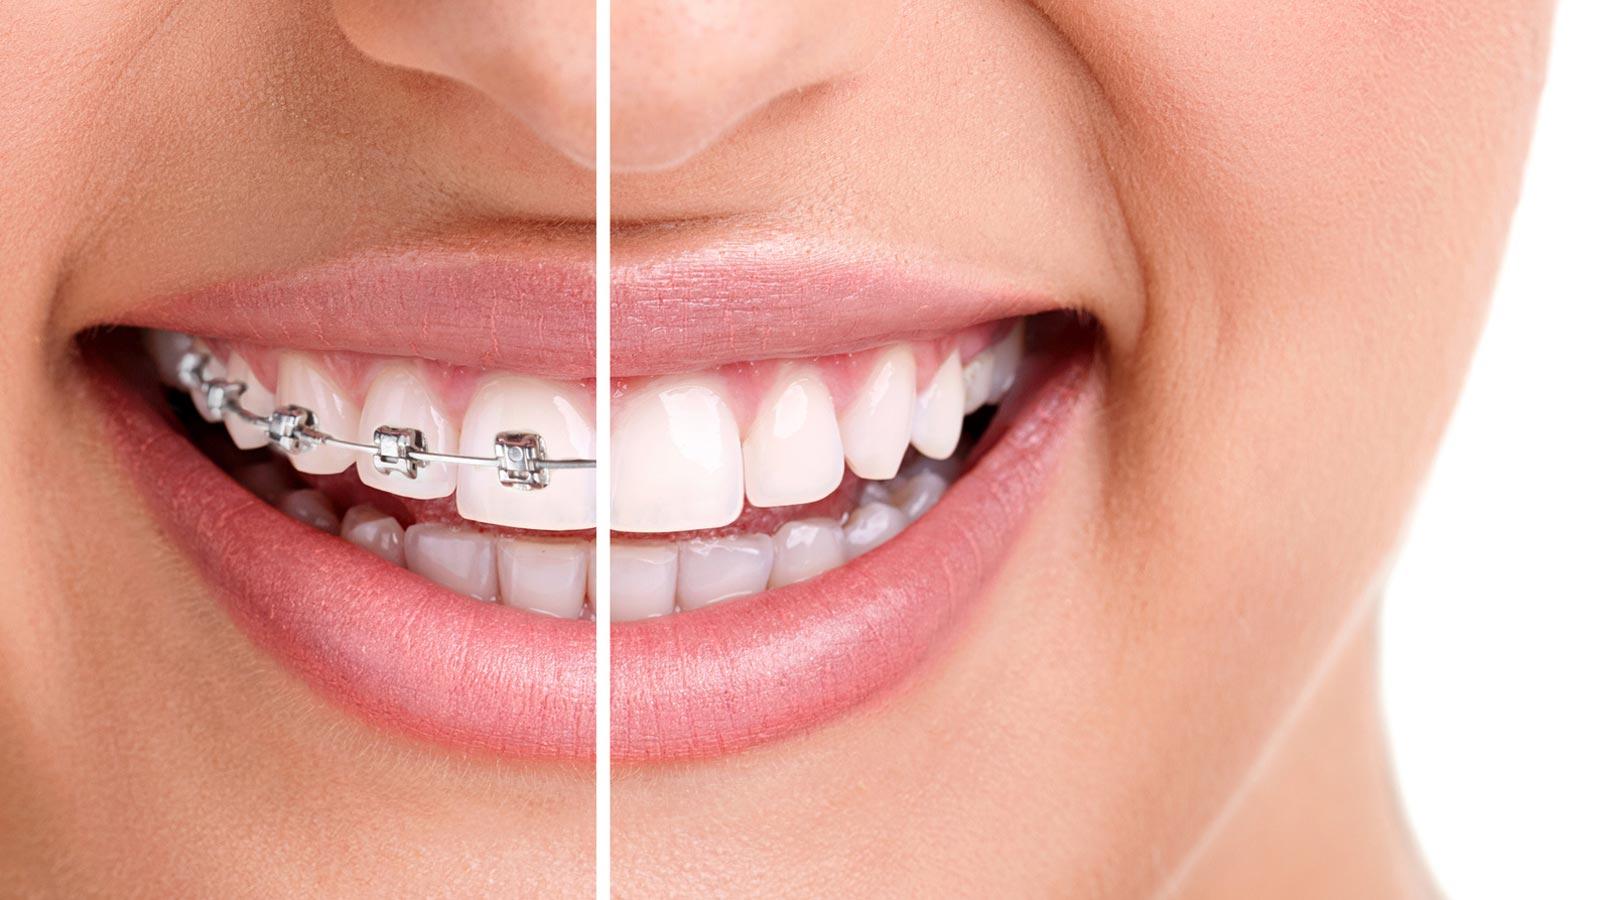 Chi phí niềng răng phụ thuộc vào các yếu tố nào?